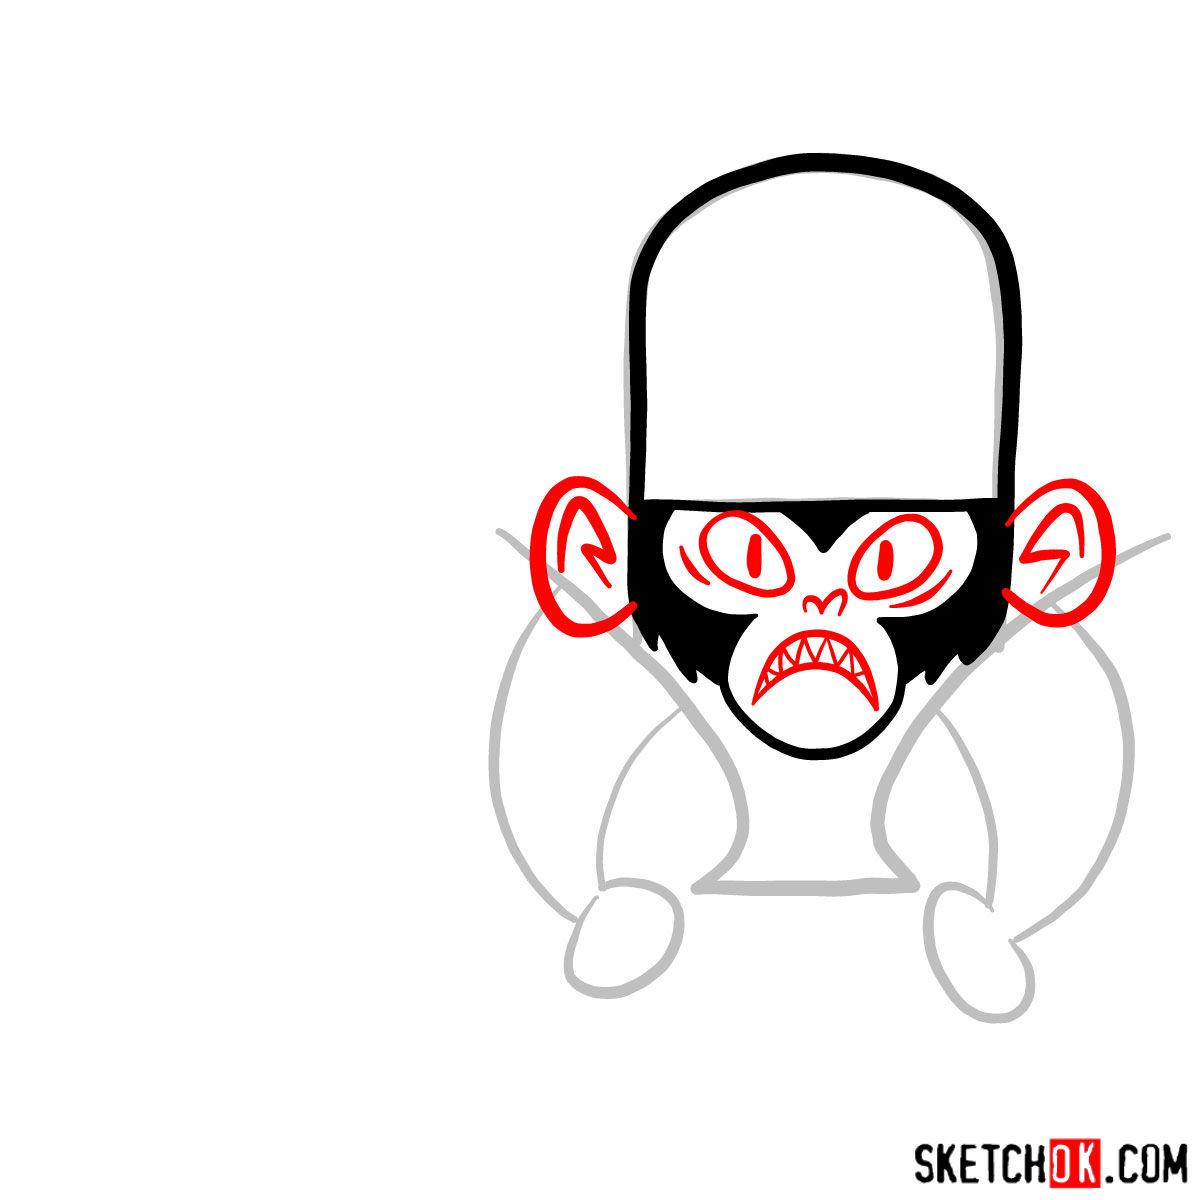 How to draw Mojo Jojo from Powerpuff Girls - step 04